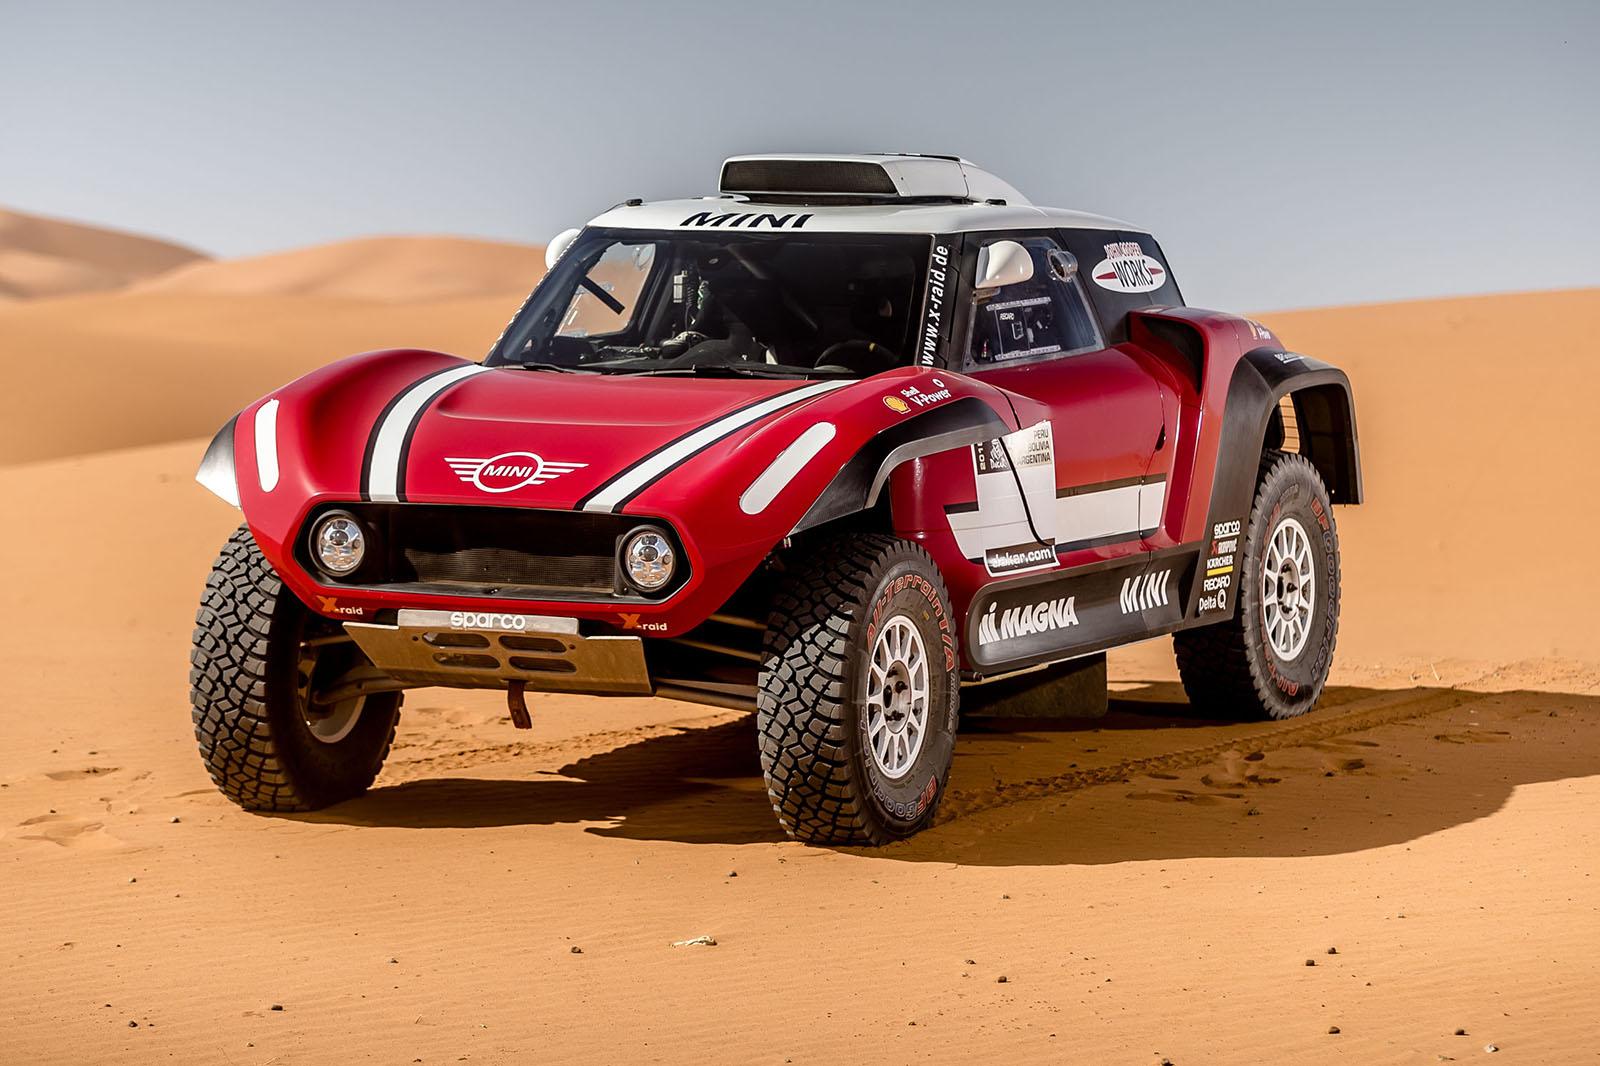 Mini John Cooper Works Buggy нацелился на ралли Dakar Rally с компоновкой заднего привода